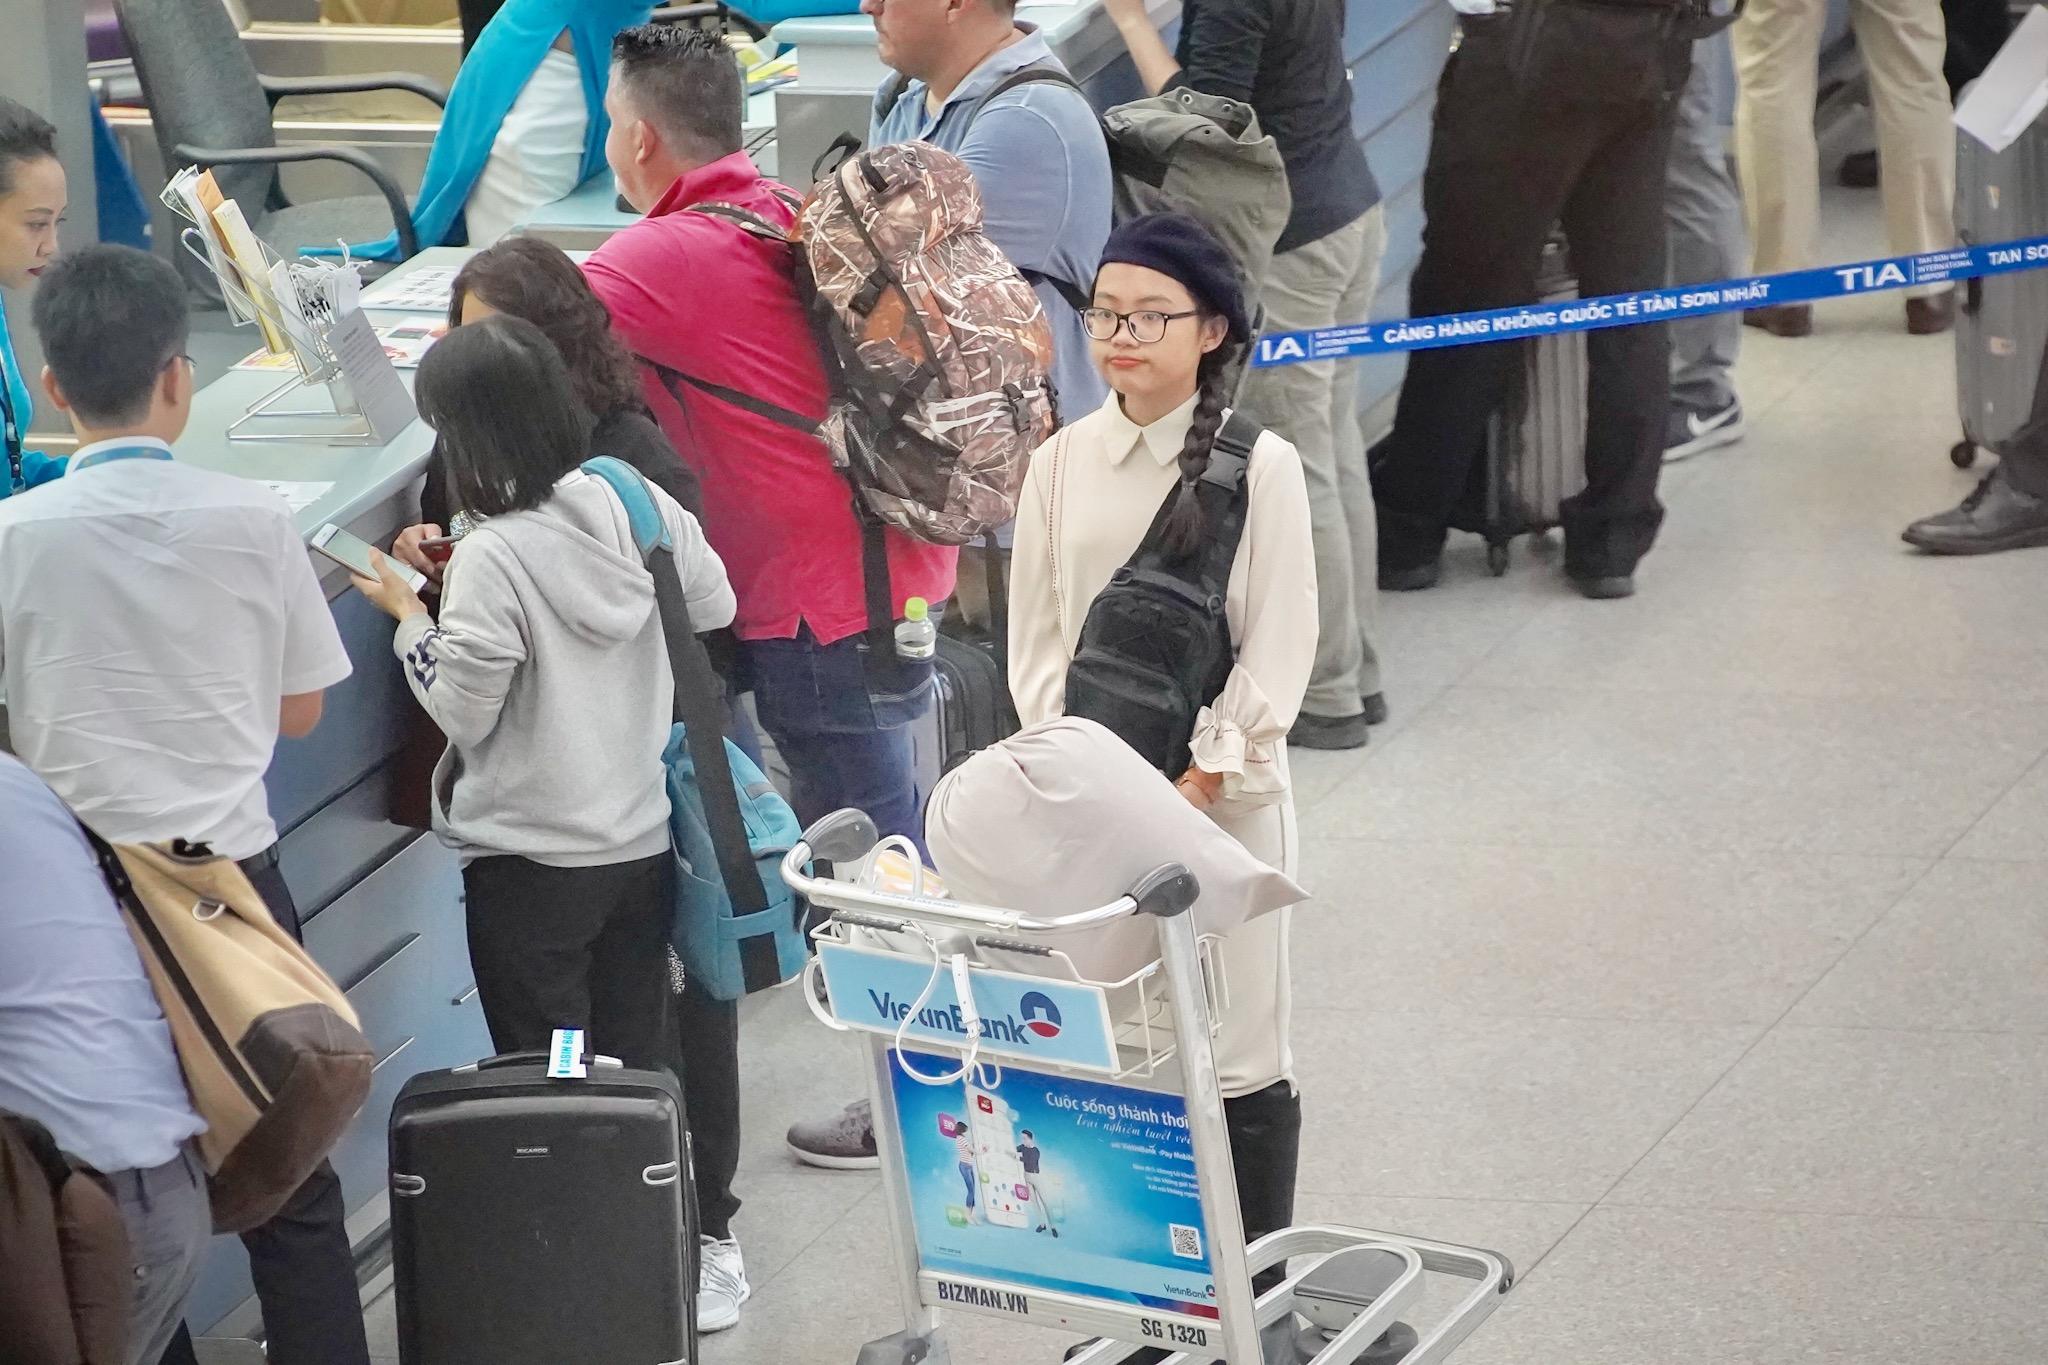 """""""Chị Bảy"""" bày tỏ sự tiếc nuối vì không có nhiều thời gian lưu lại Mỹ để nghỉ ngơi, du lịch, xem show ca nhạc hay gặp gỡ, học hỏi kinh nghiệm từ những thần tượng lớn. Bởi cô bé phải quay về Việt Nam để kịp tham dự và biểu diễn trong buổi lễ tốt nghiệp cấp hai."""